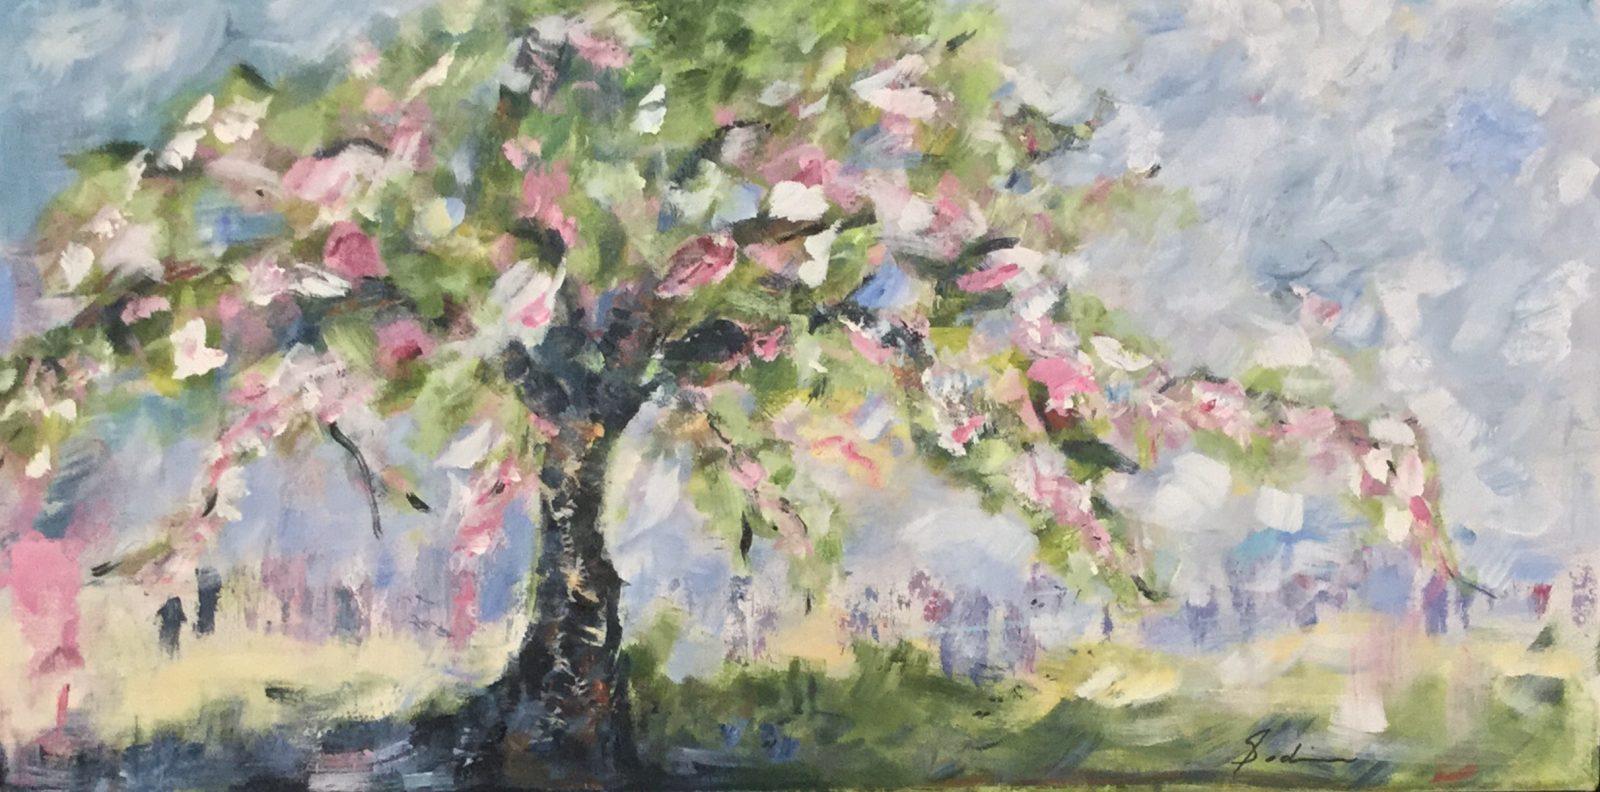 Exposition de l'artiste-peintre Louise Godin à la Maison Lenoblet-du-Plessis de Contrecoeur